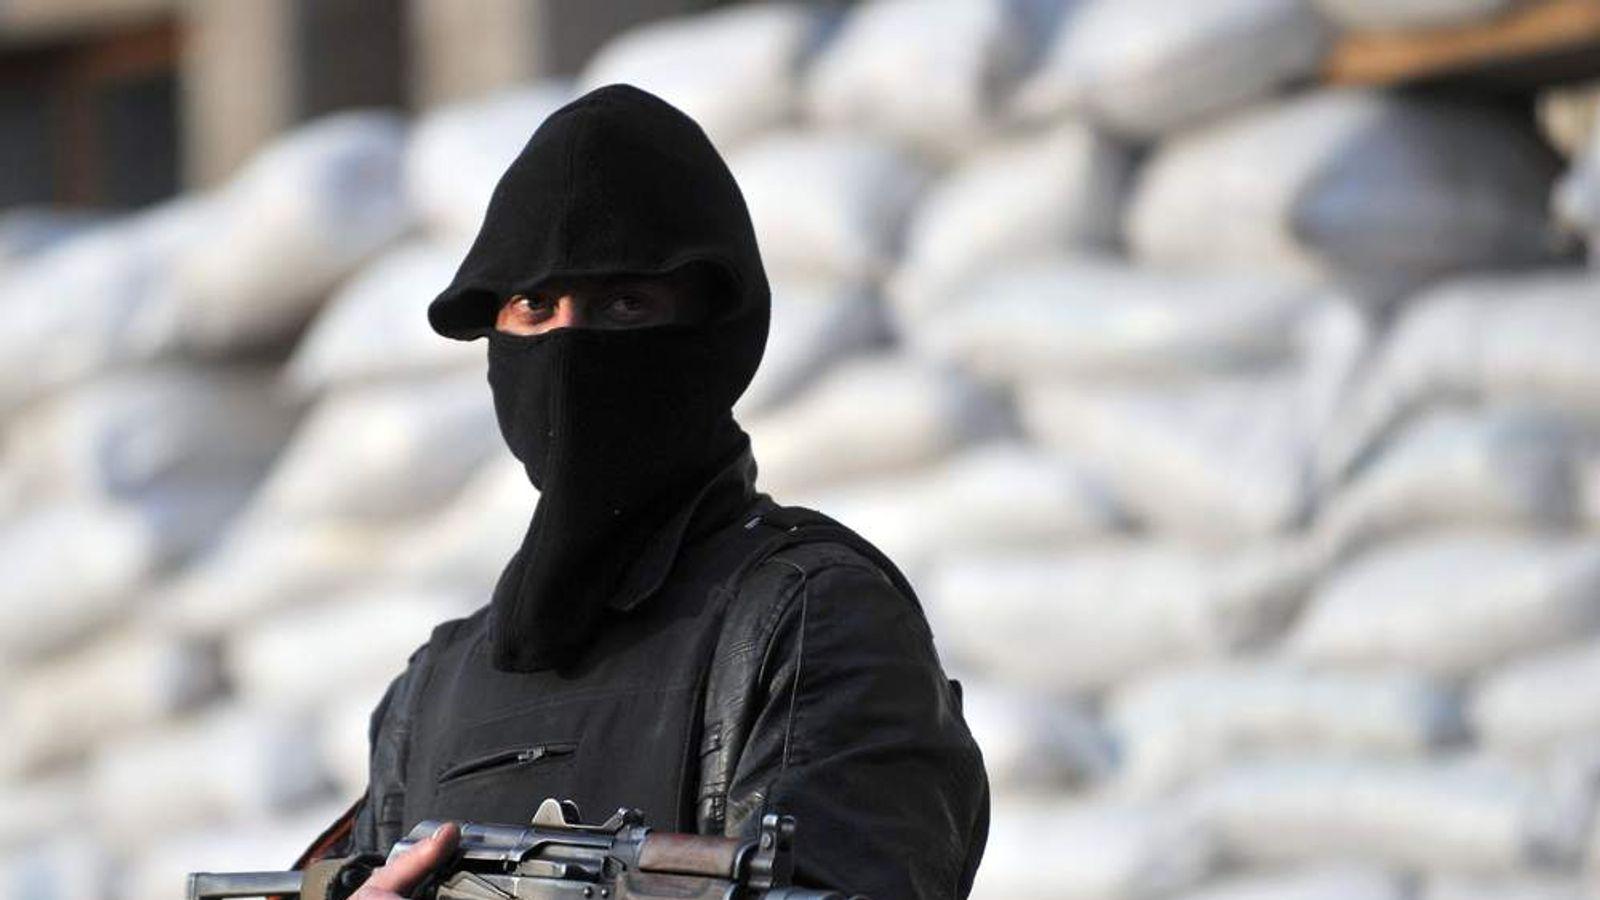 Masked man with gun